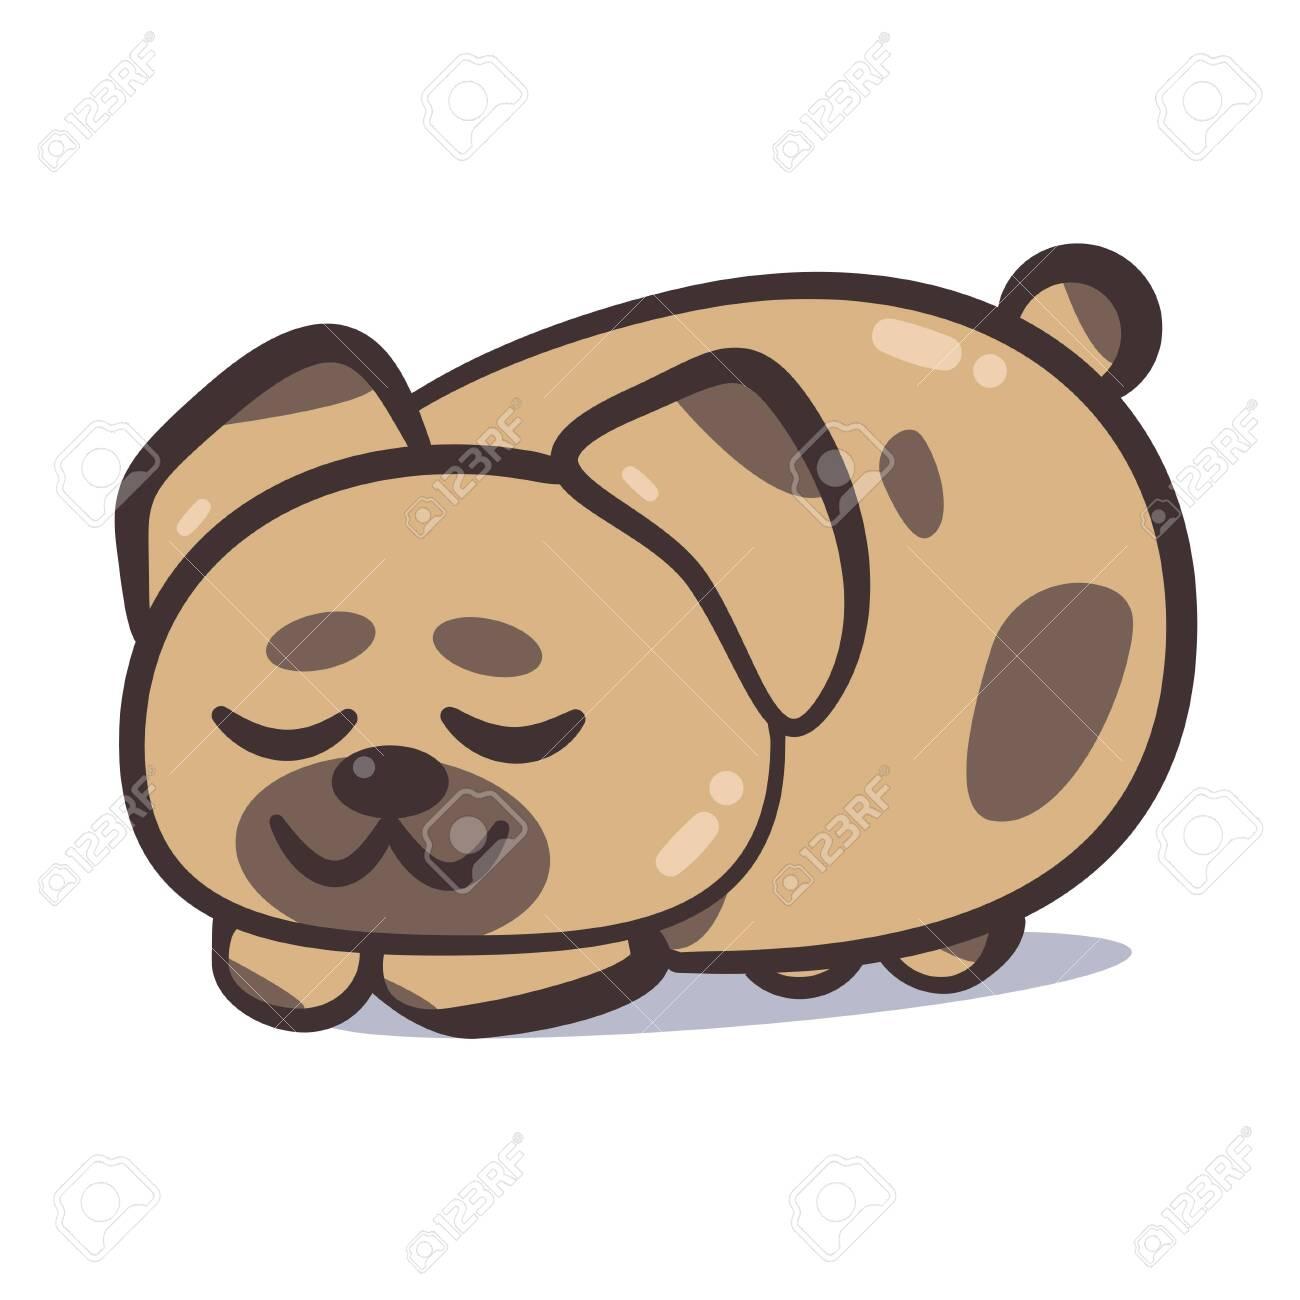 Happy dog sleeping on white - 133806028